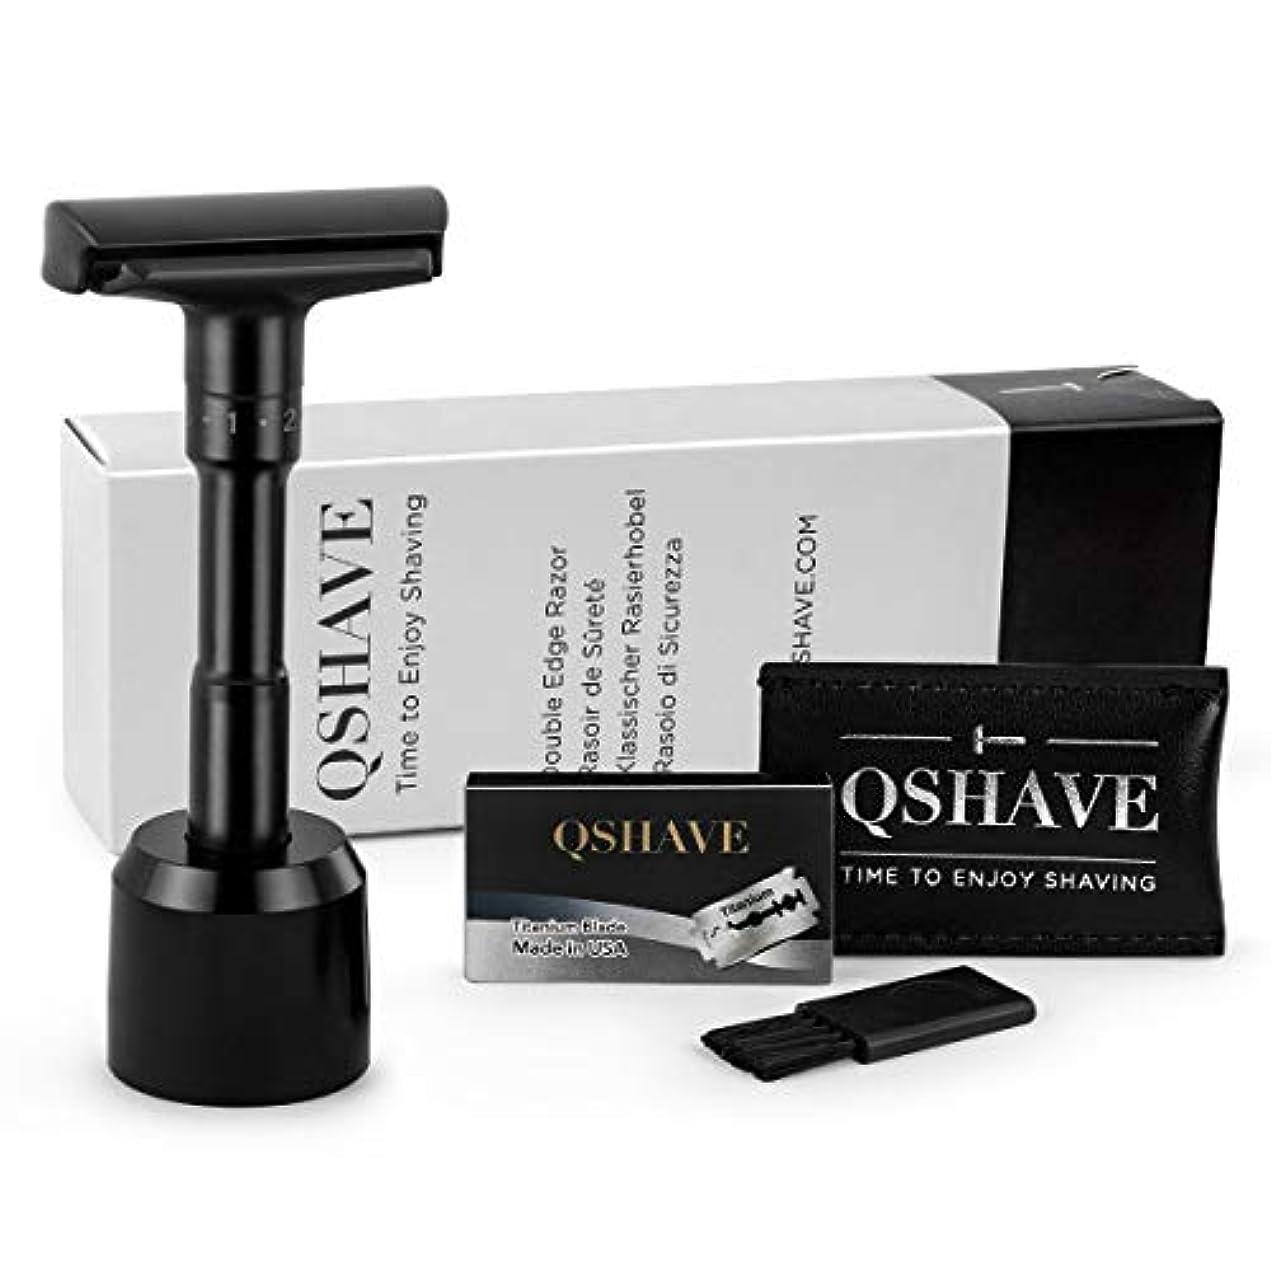 競う転倒修正QSHAVE アジャスタブル両刃剃刀安全カミソリデラックスセット(スタンド付きカミソリ)